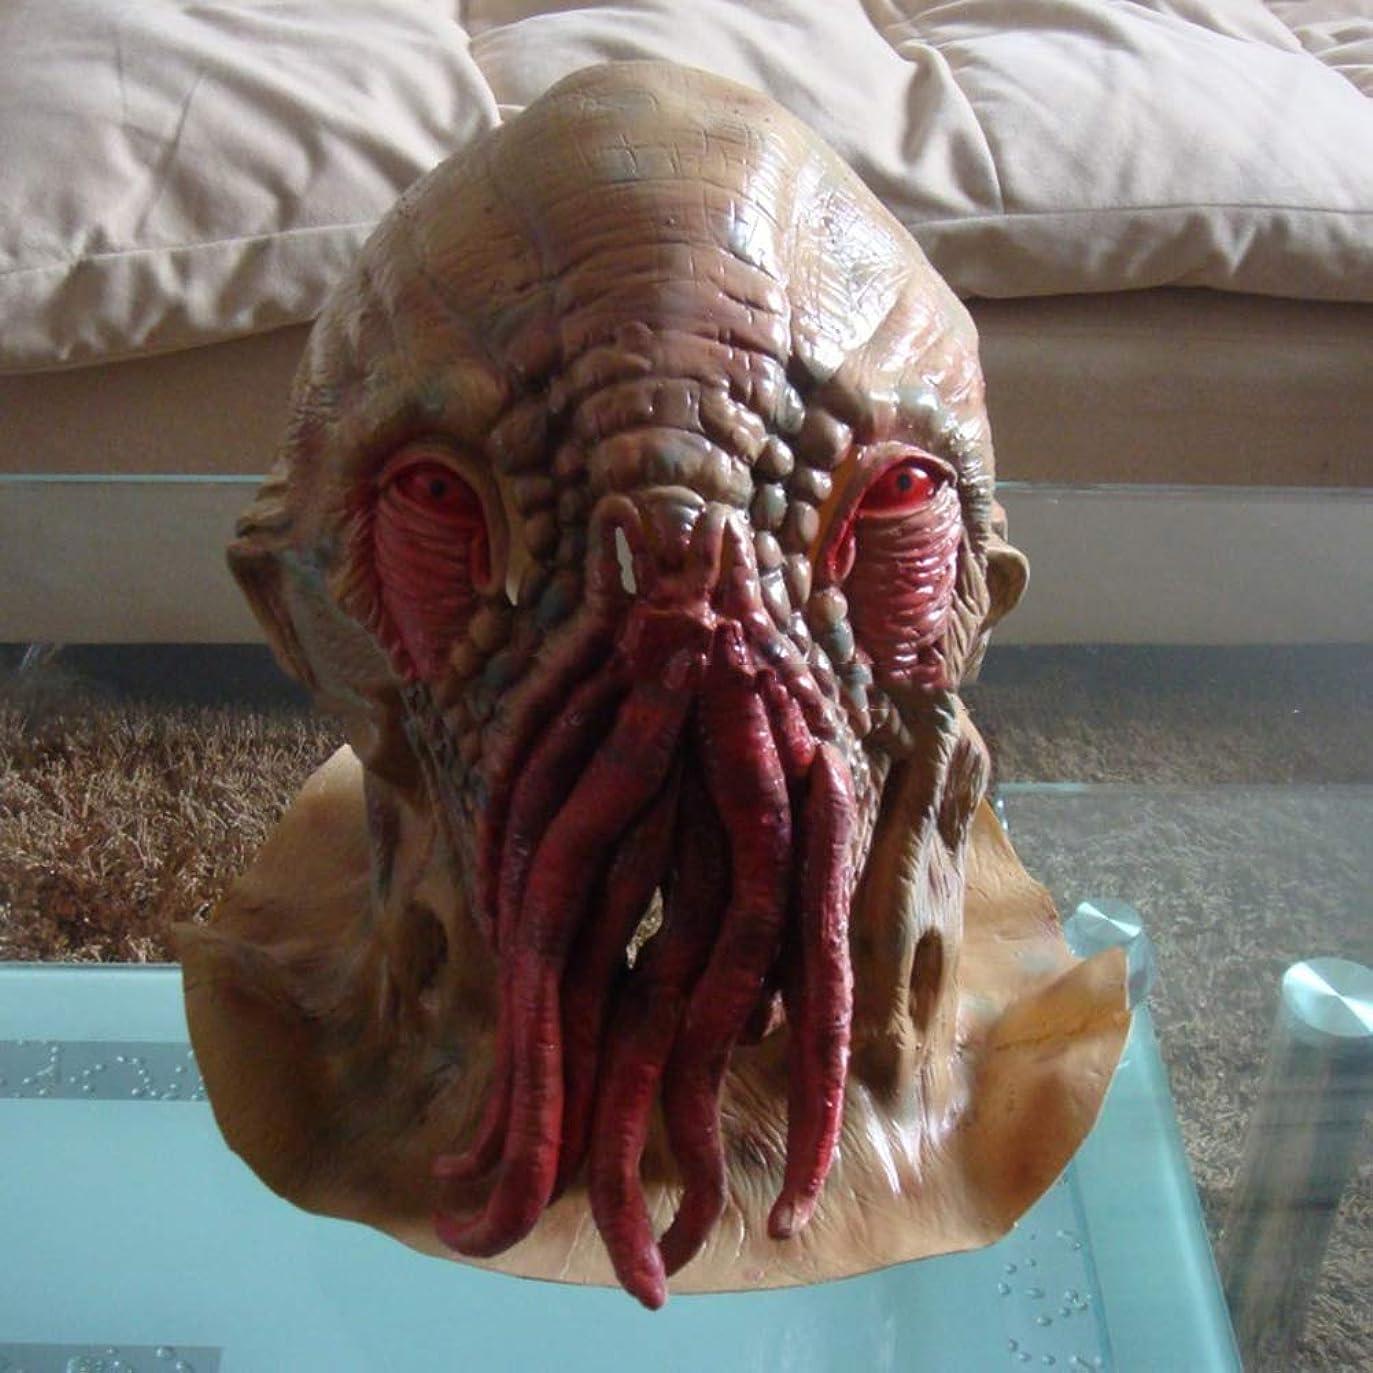 天窓スカリー銛ハロウィーンホラーマスク、神秘的な動物の頭のマスク、創造的な面白い Vizard マスク、パーティー仮装ラテックスマスク